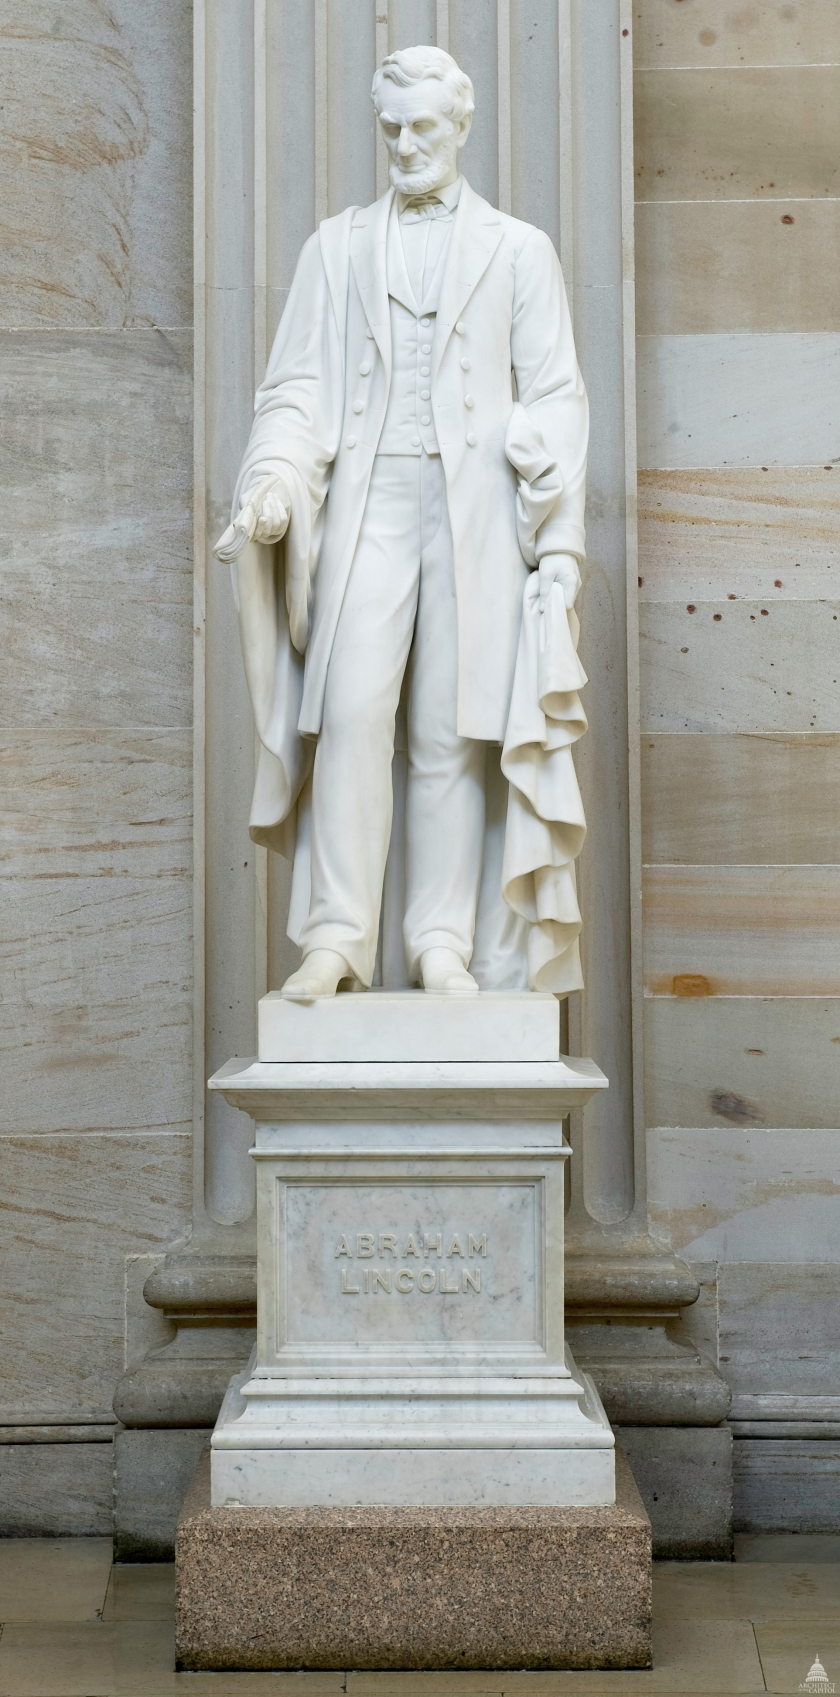 Ream-Lincoln